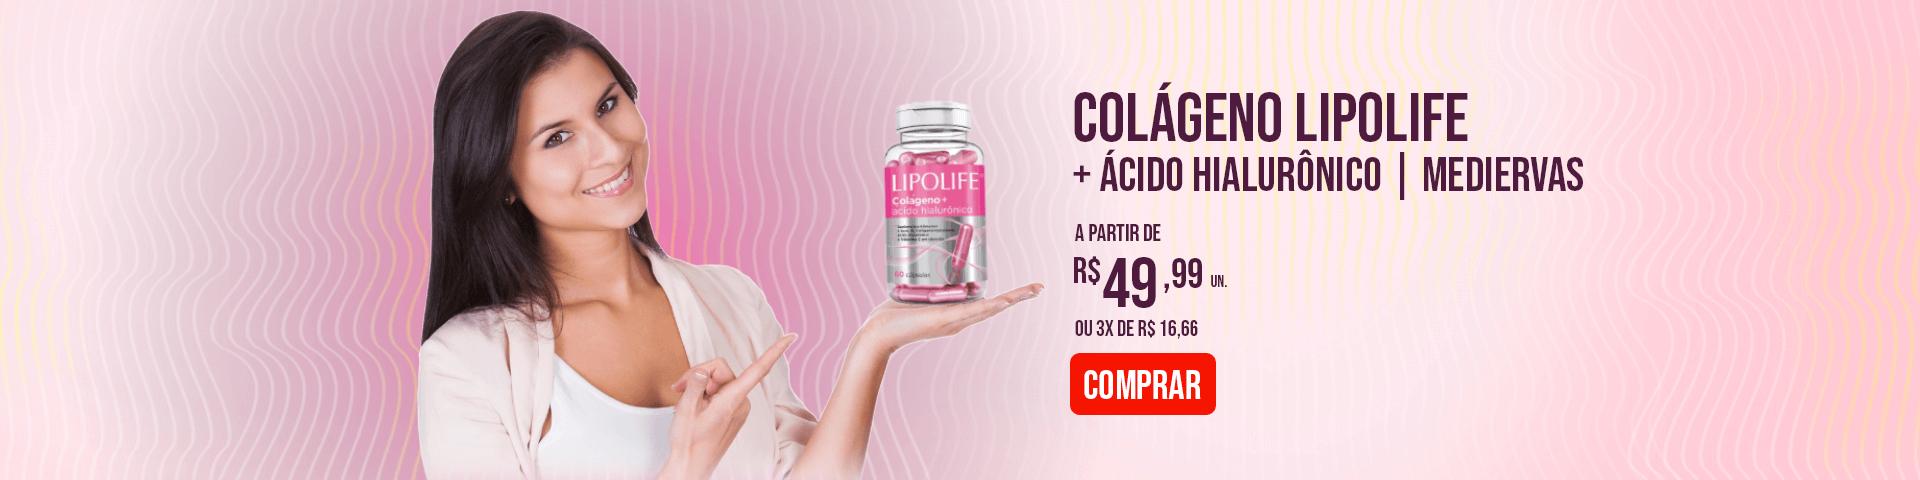 COLÁGENO HIDROLISADO + ÁCIDO HIALURONICO